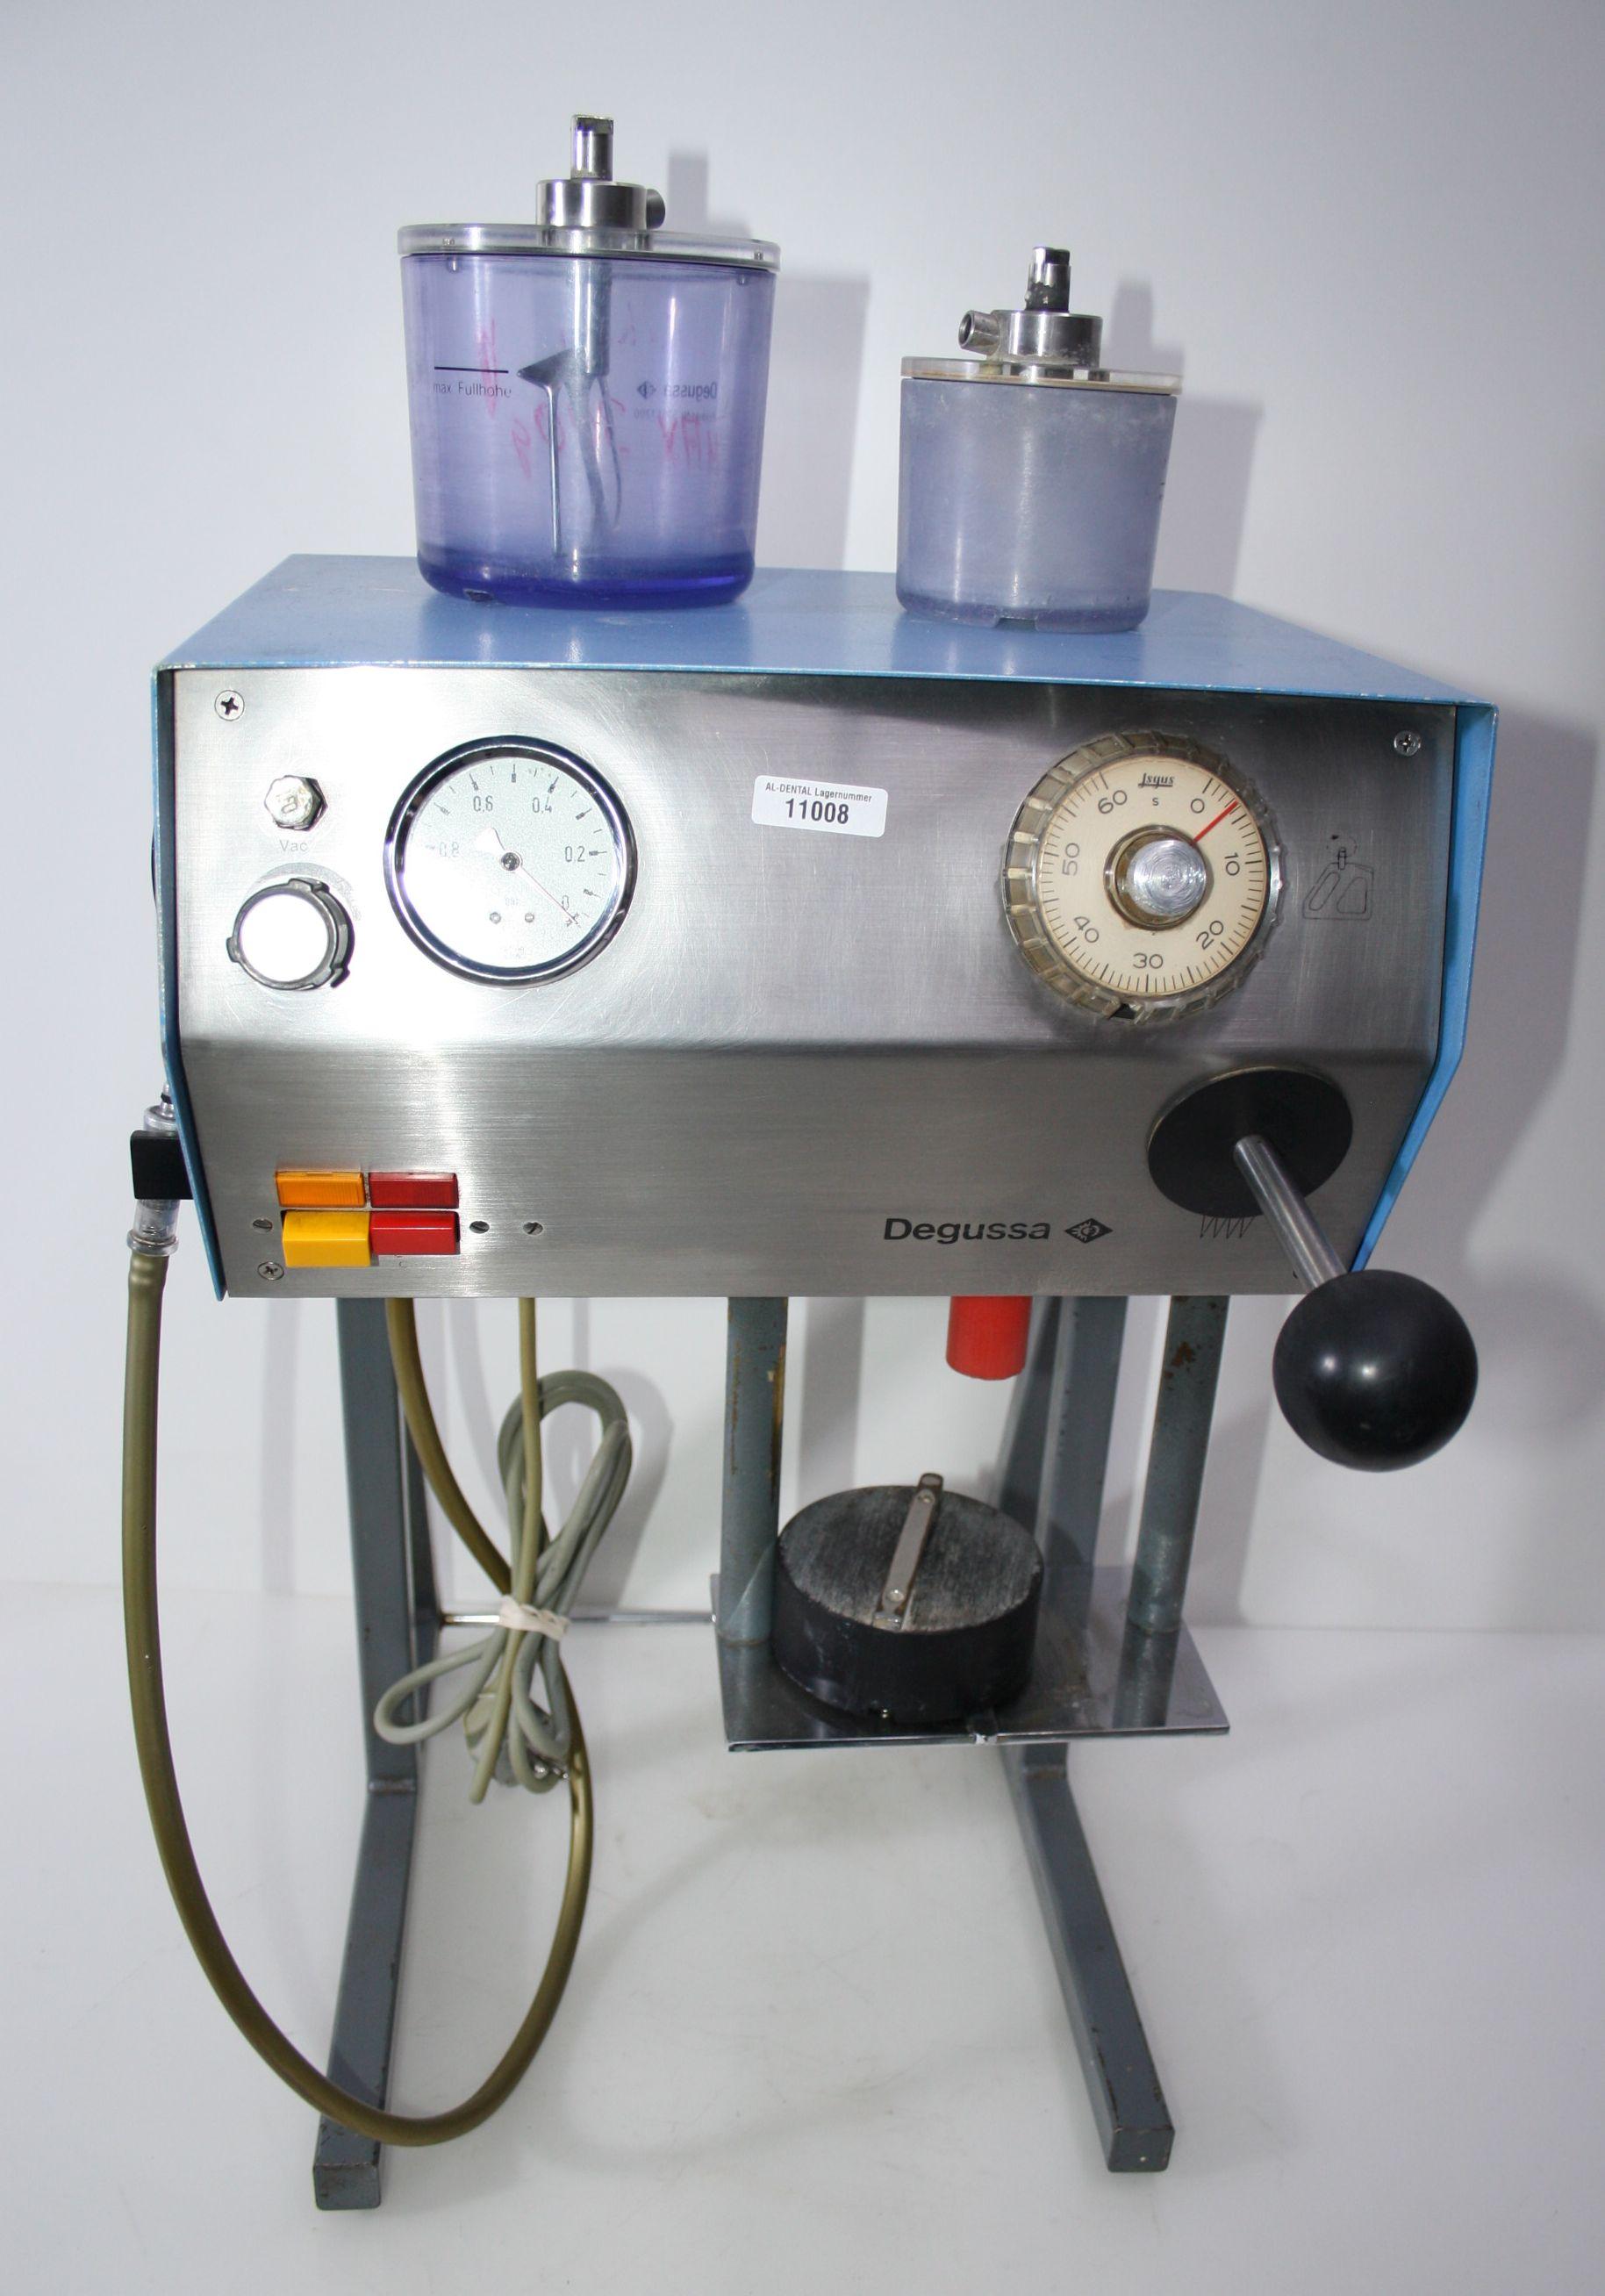 Vakuumanmischgerät Degussa  Multivac 4 Standgerät + 3 Becher # 11007